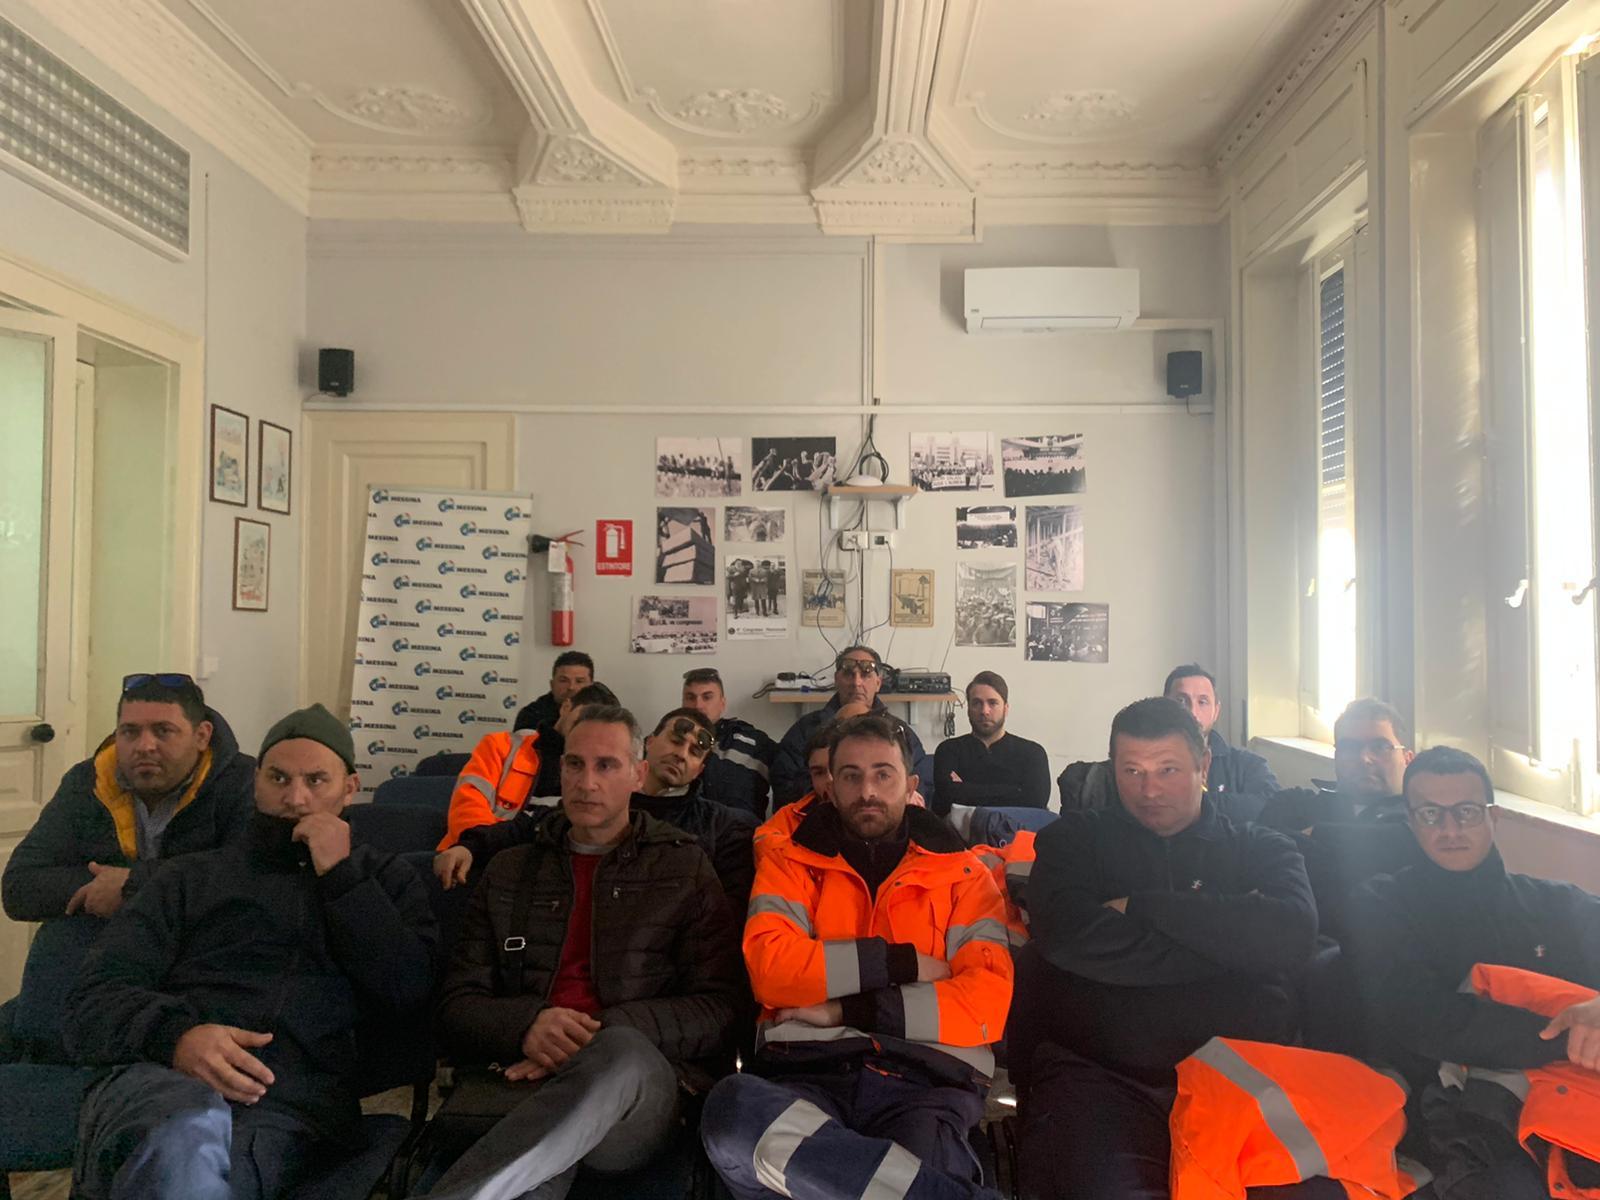 Blue Jet: sciopero totale, garantiti solo servizi minimi